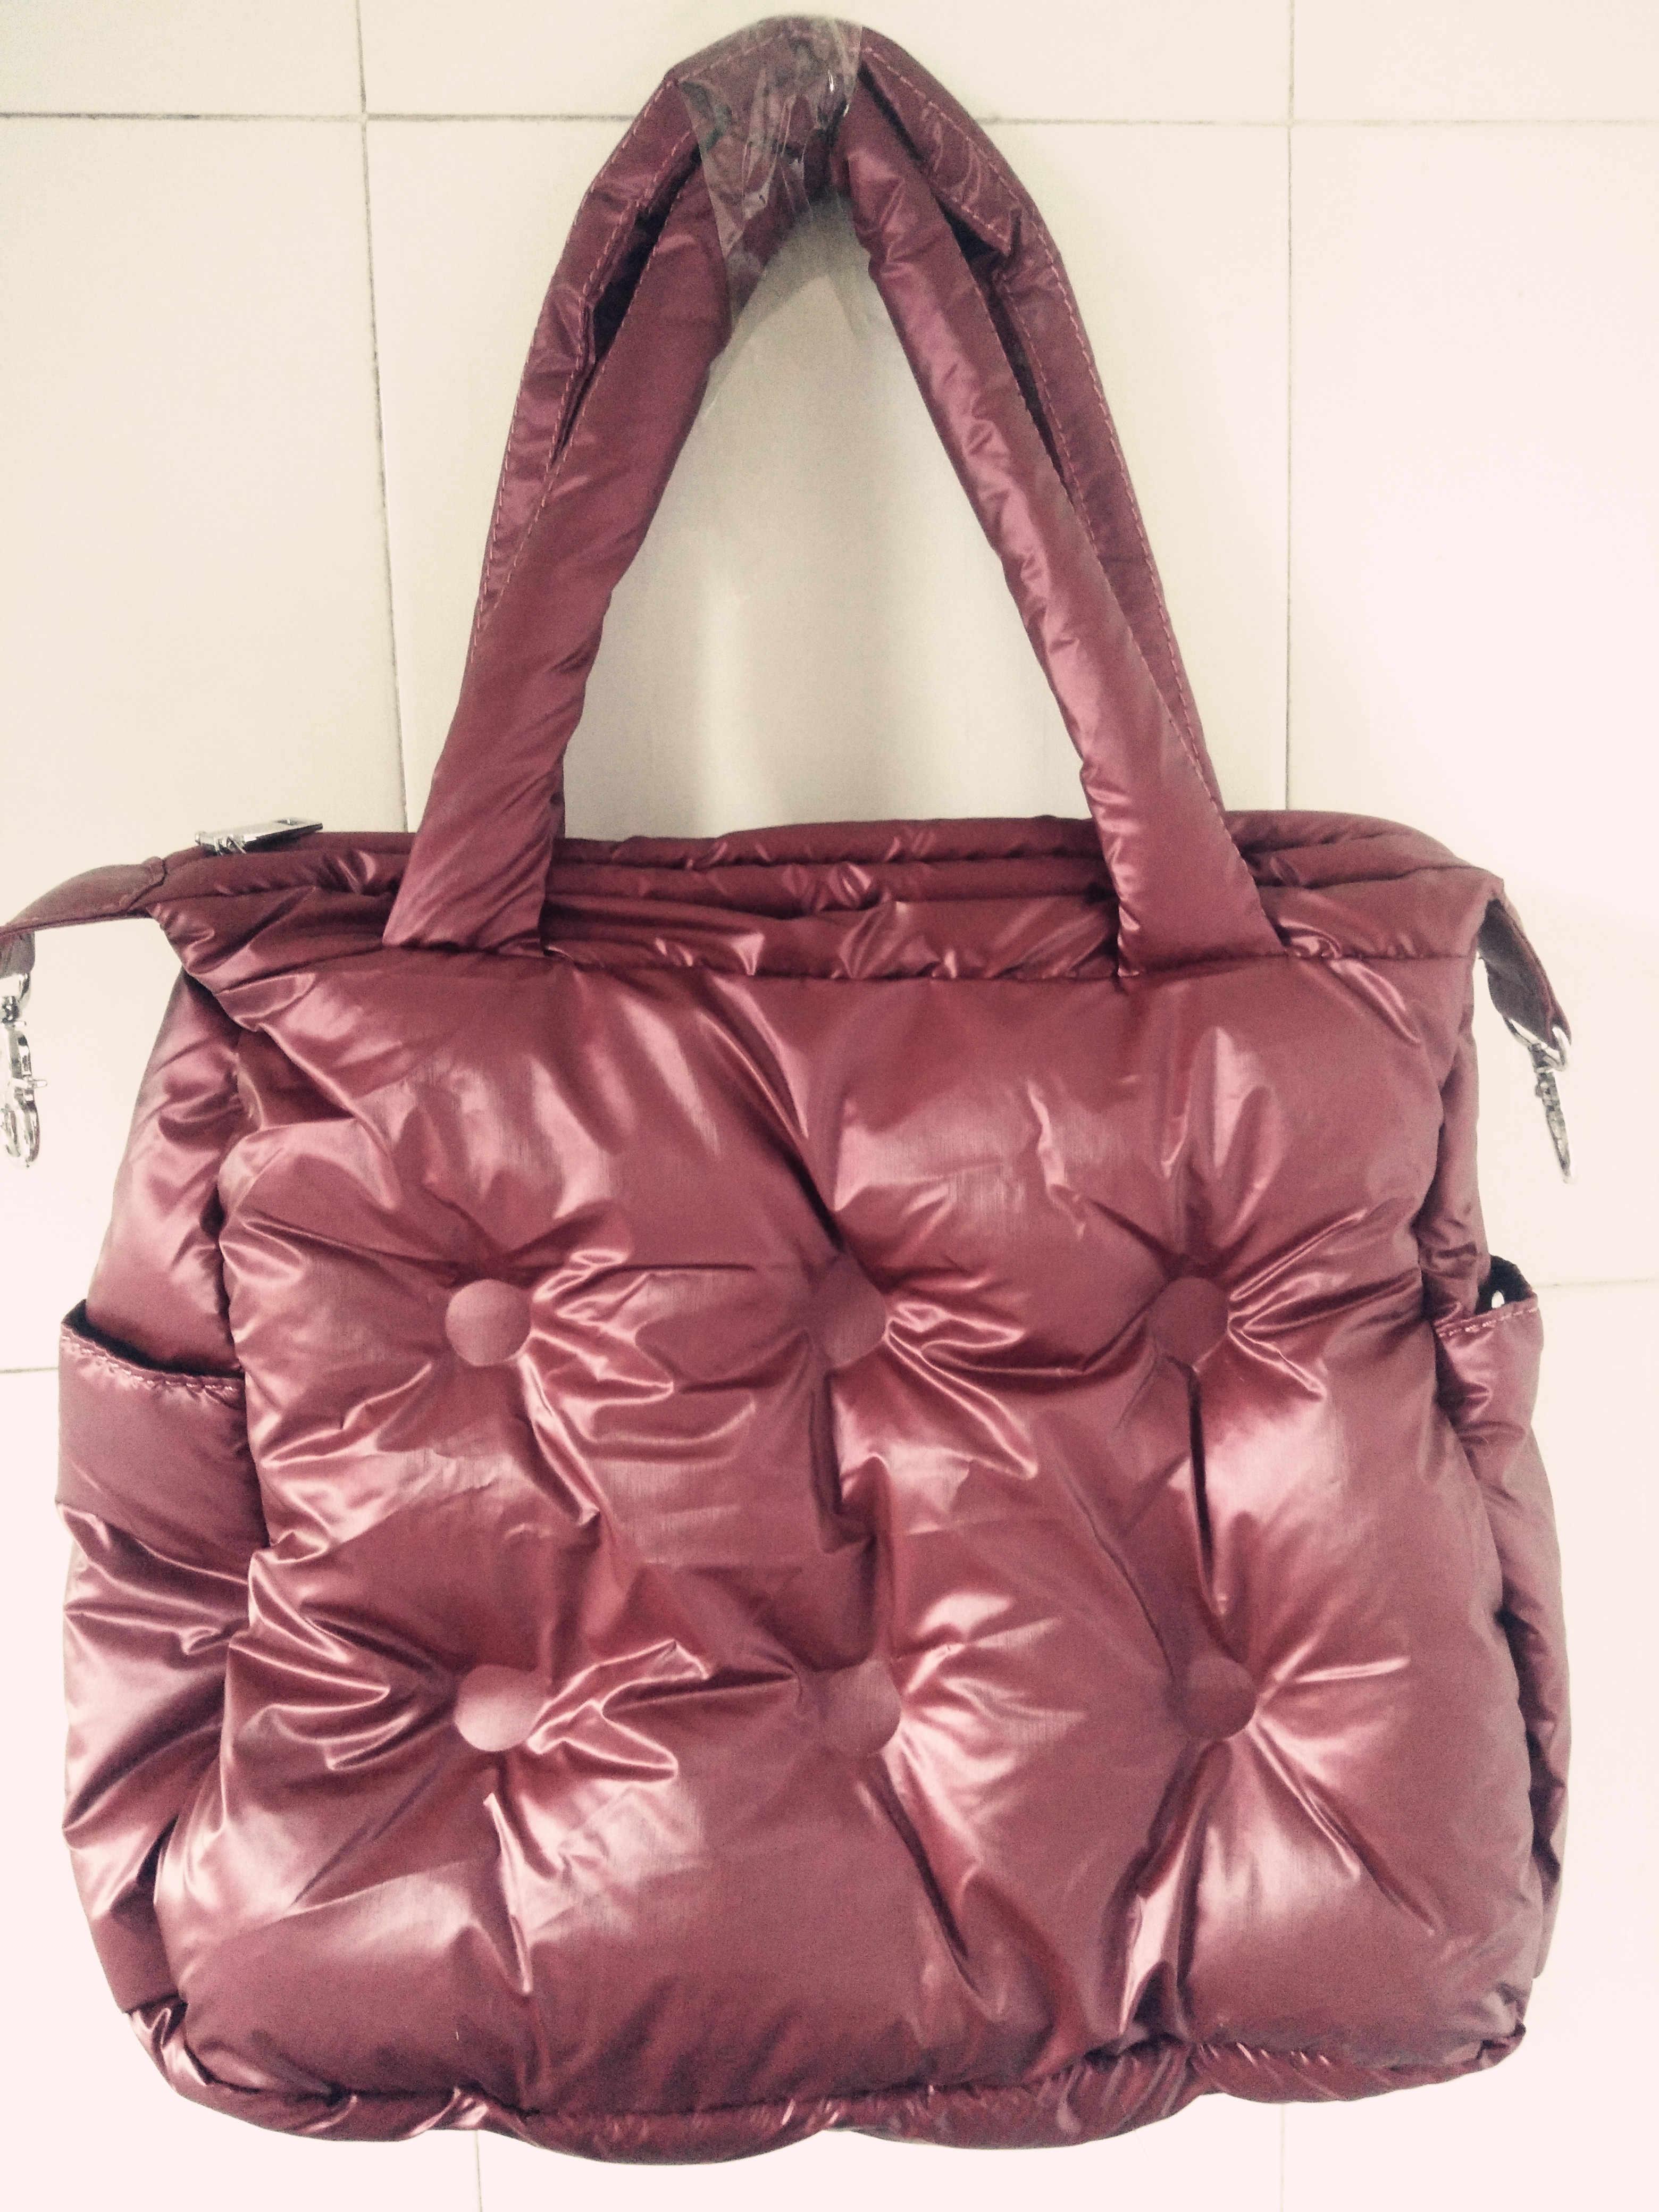 Inverno novas Mulheres Pad Espaço Algodão Feather Down Bag Balde Bolsa de Ombro de nylon Tote sac a principal carteira Bolsa Feminina